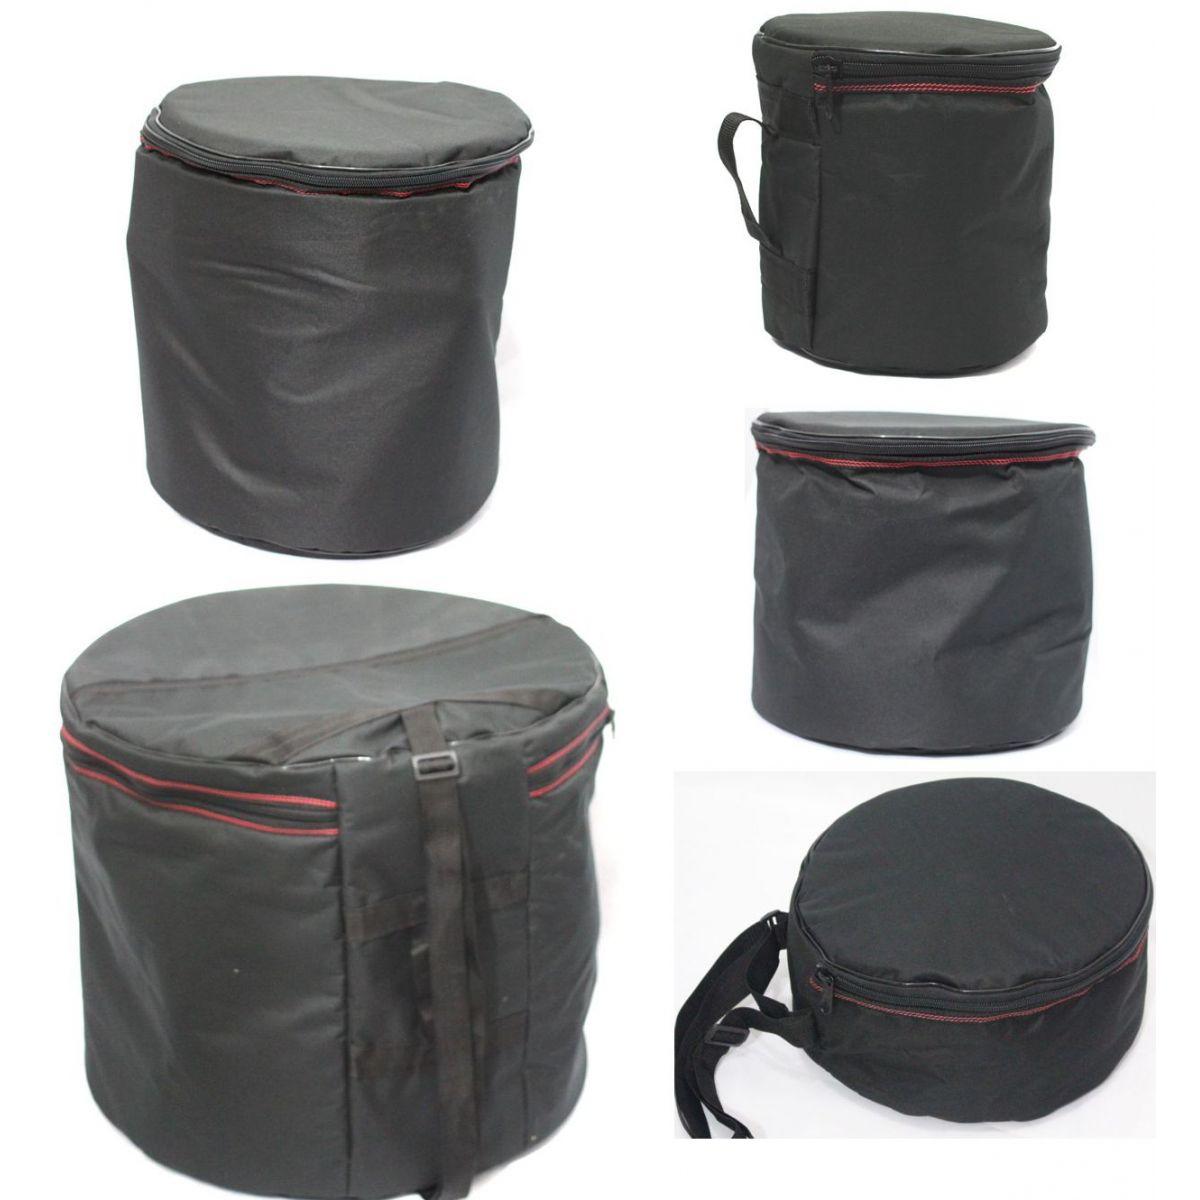 Jogo de BAG CRBAG para Bateria Luxo 5 Peças Estofadas Capas CRBAG Reduzido Fusion - Bumbo 20 (10+12+14+CX14)